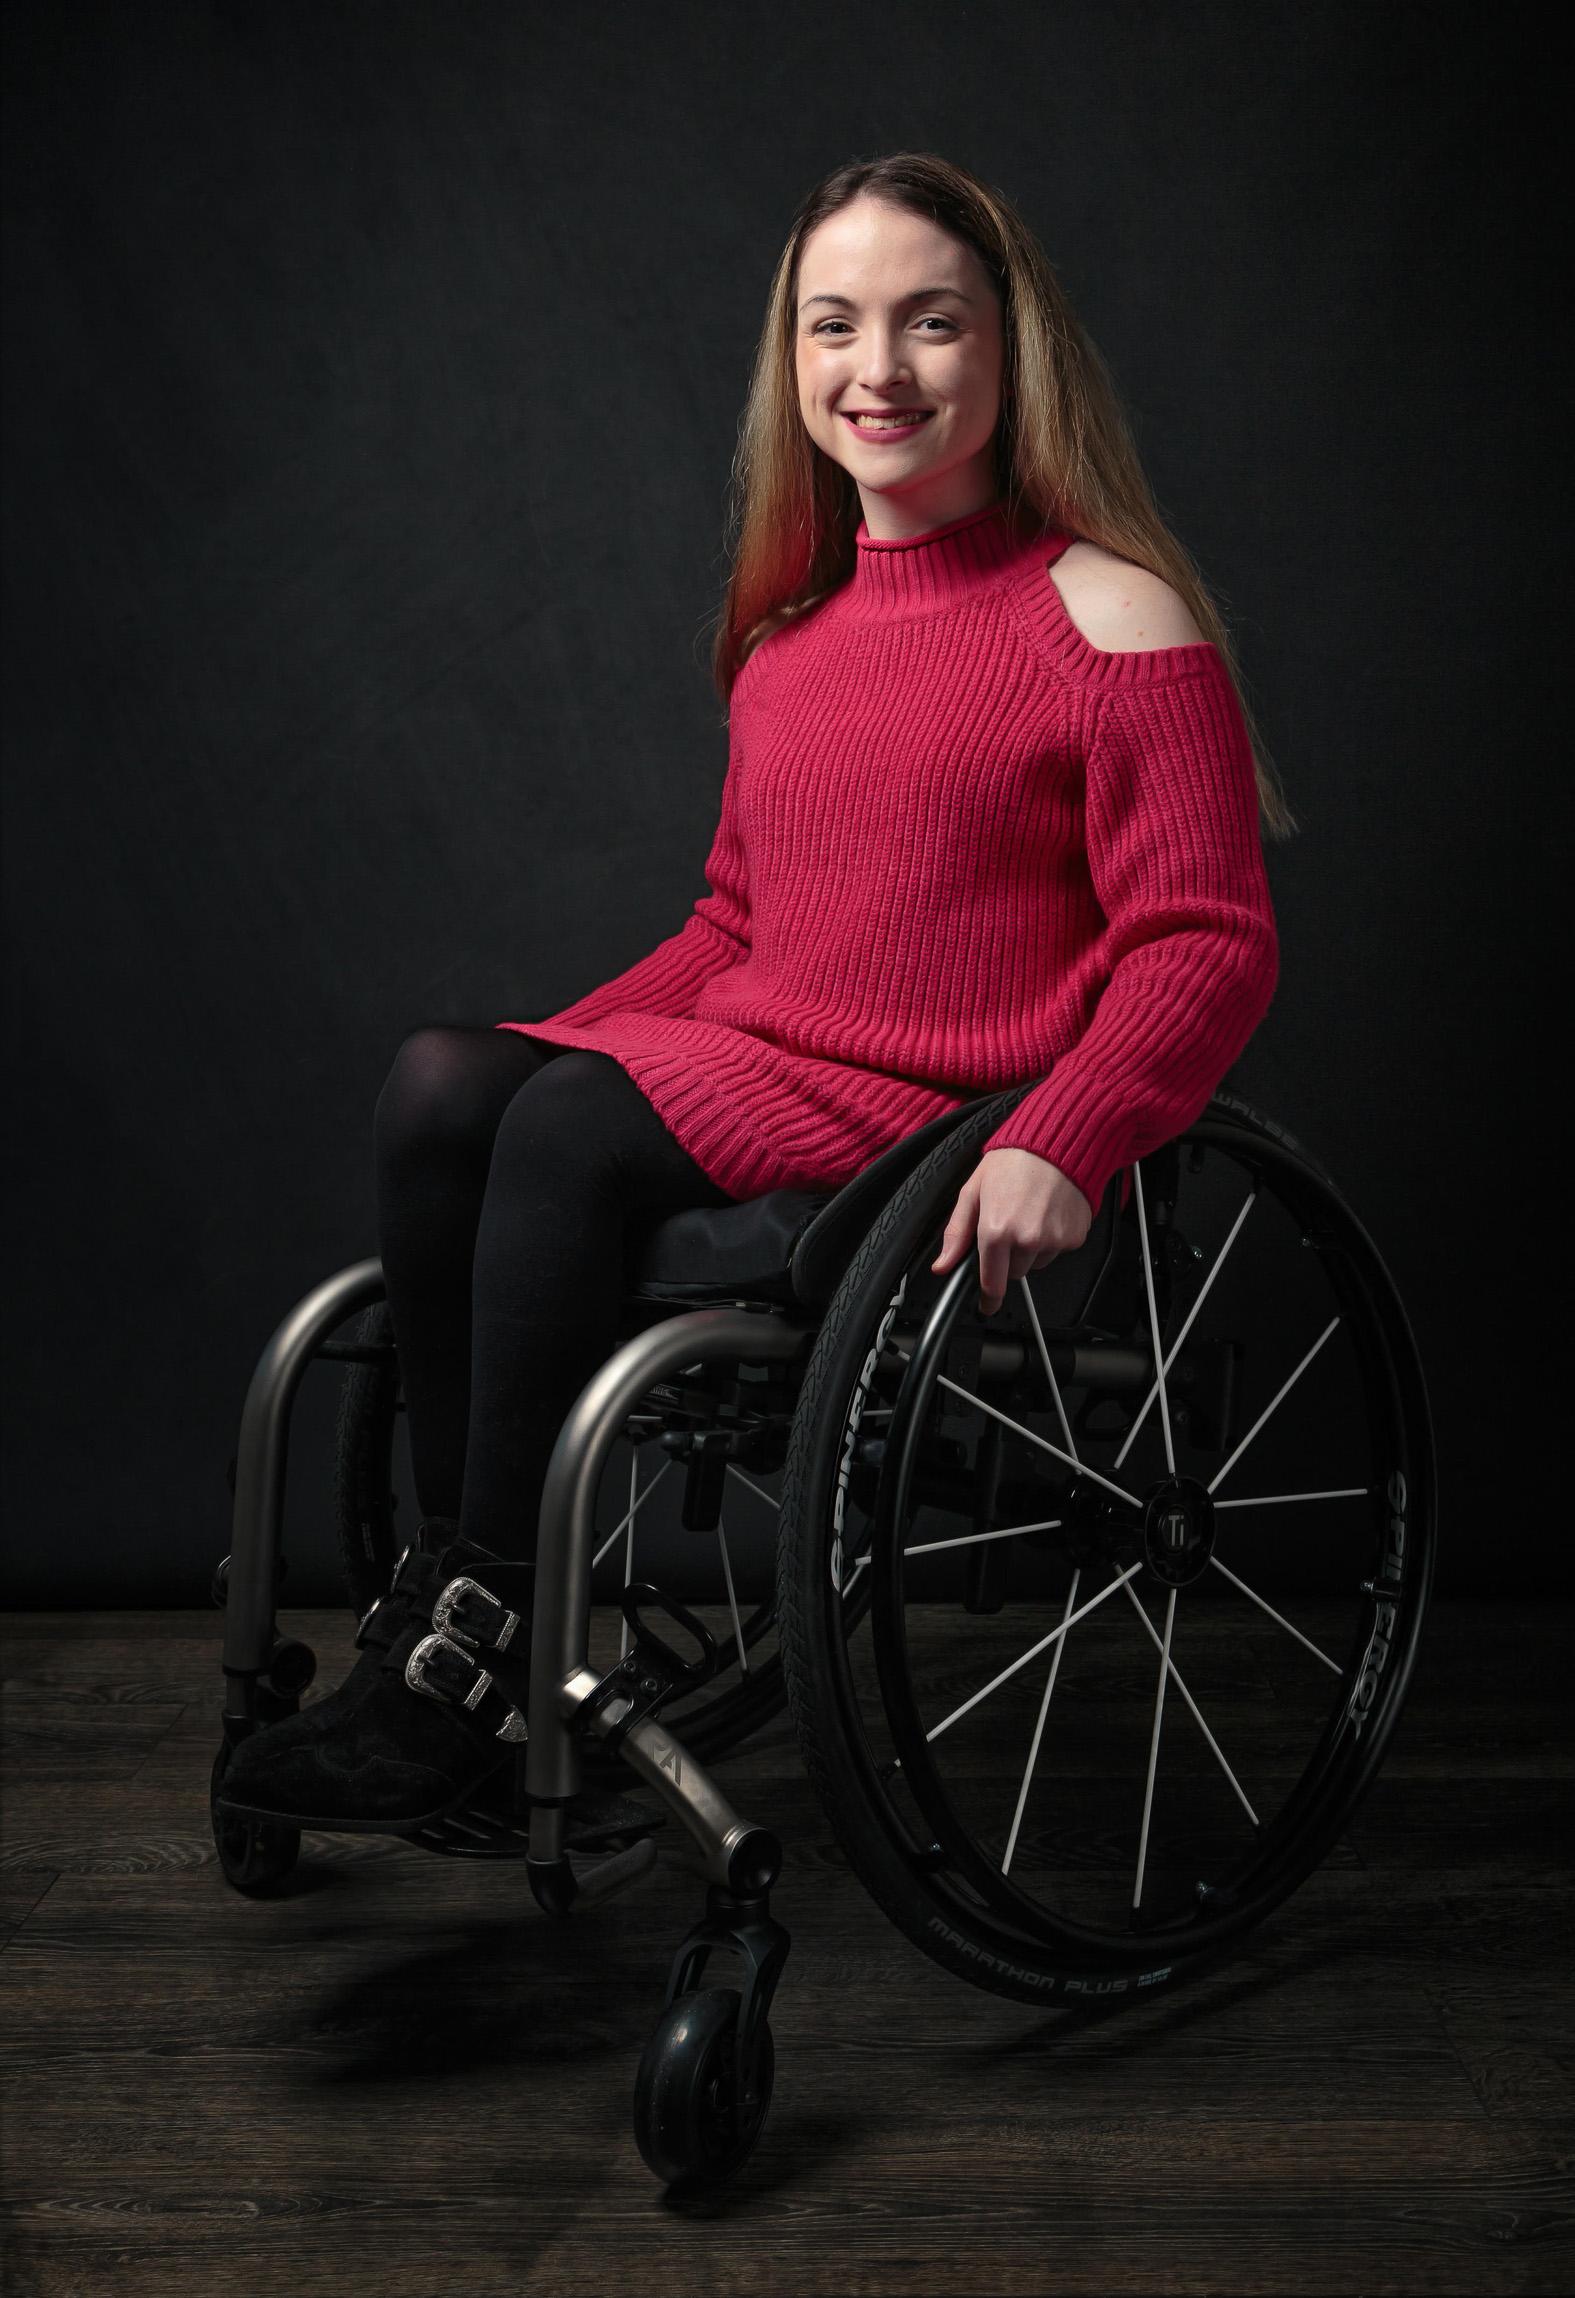 Caitlyn,Cerebral Palsy, Zebedee Manageme